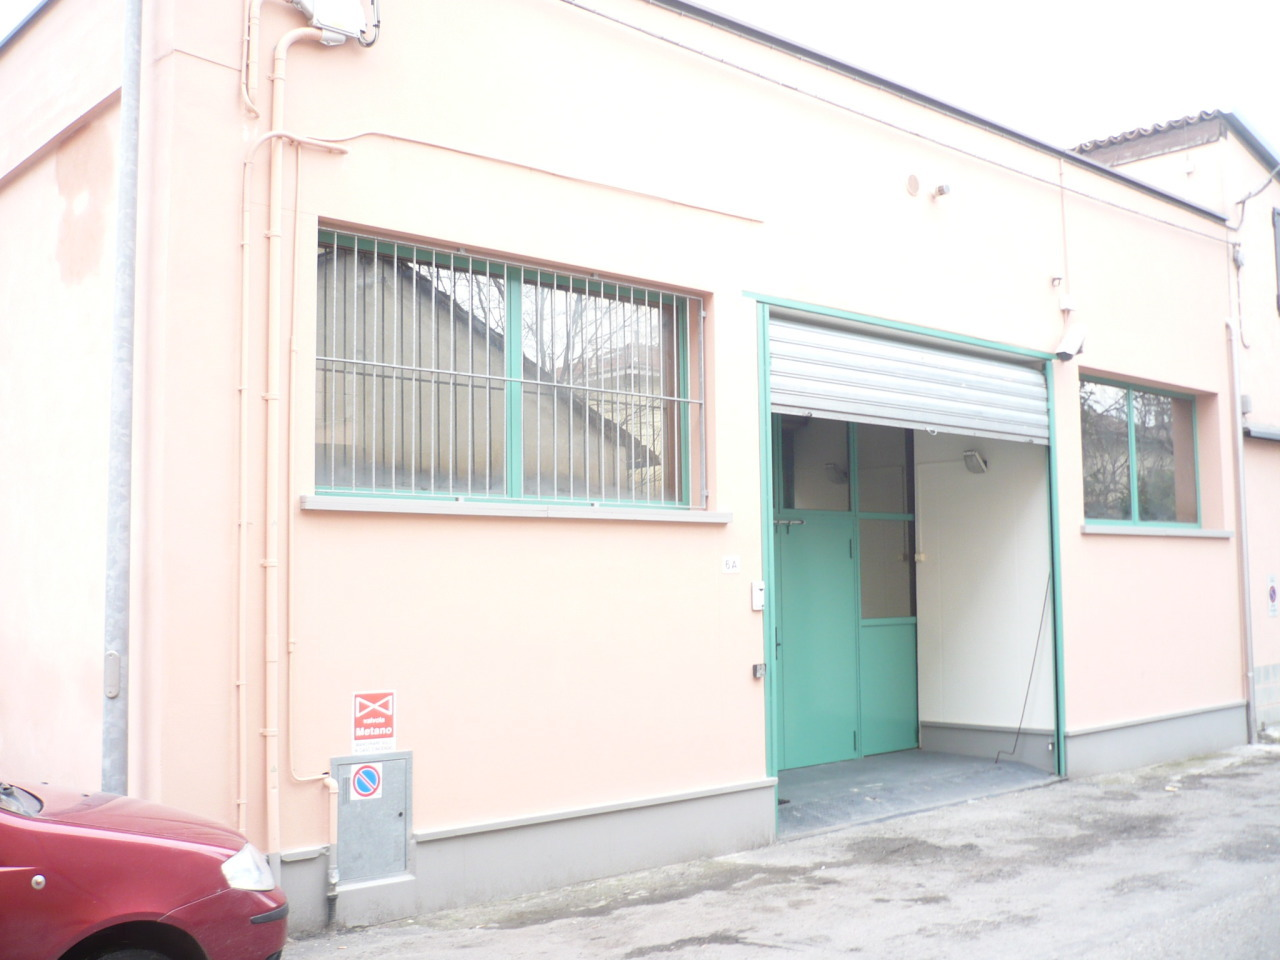 Ufficio / Studio in vendita a Parma, 8 locali, prezzo € 530.000 | Cambio Casa.it